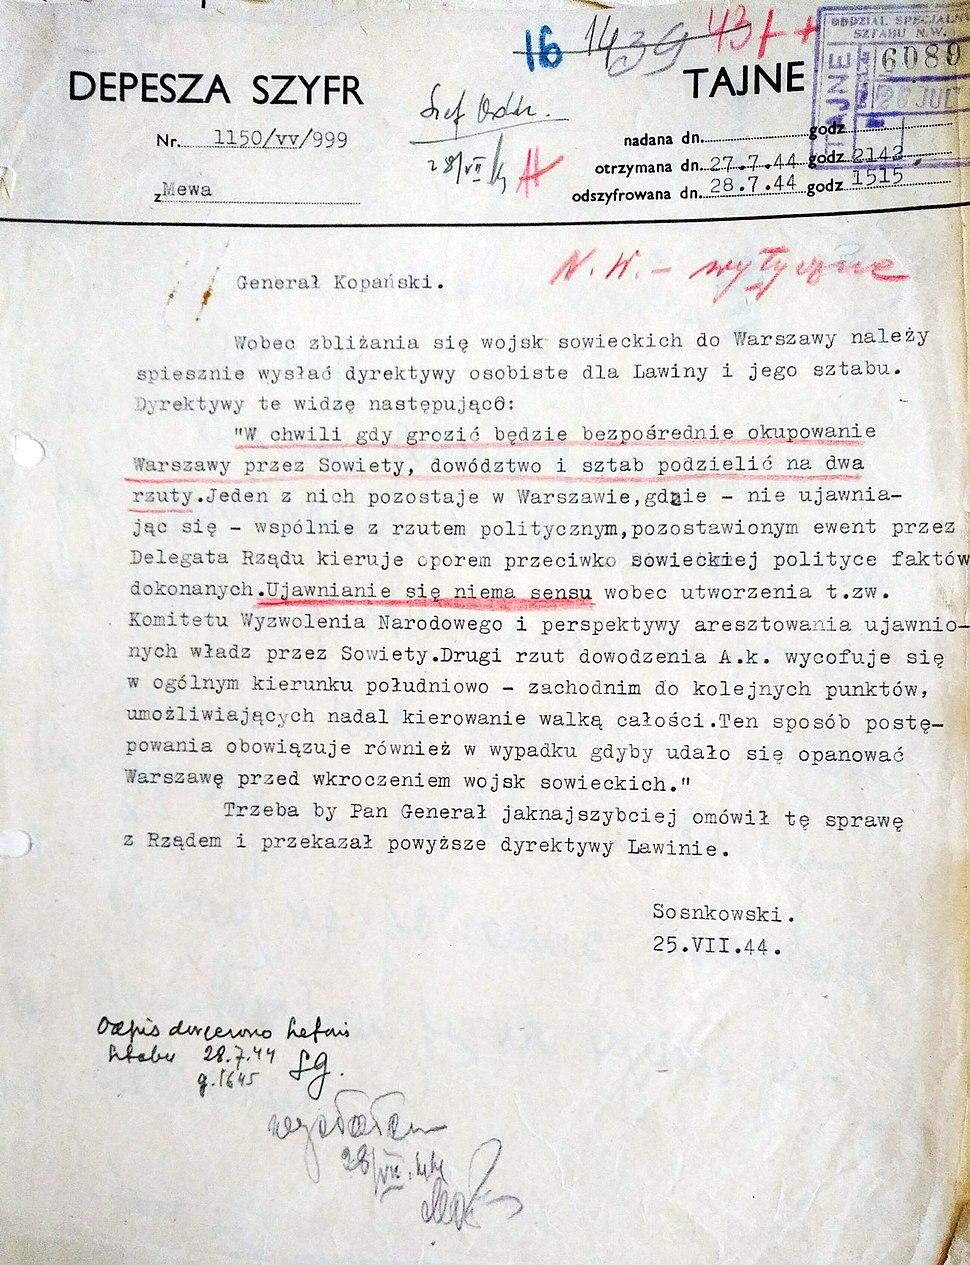 Depesza Kazimierza Sosnkowskiego 25.07.1944